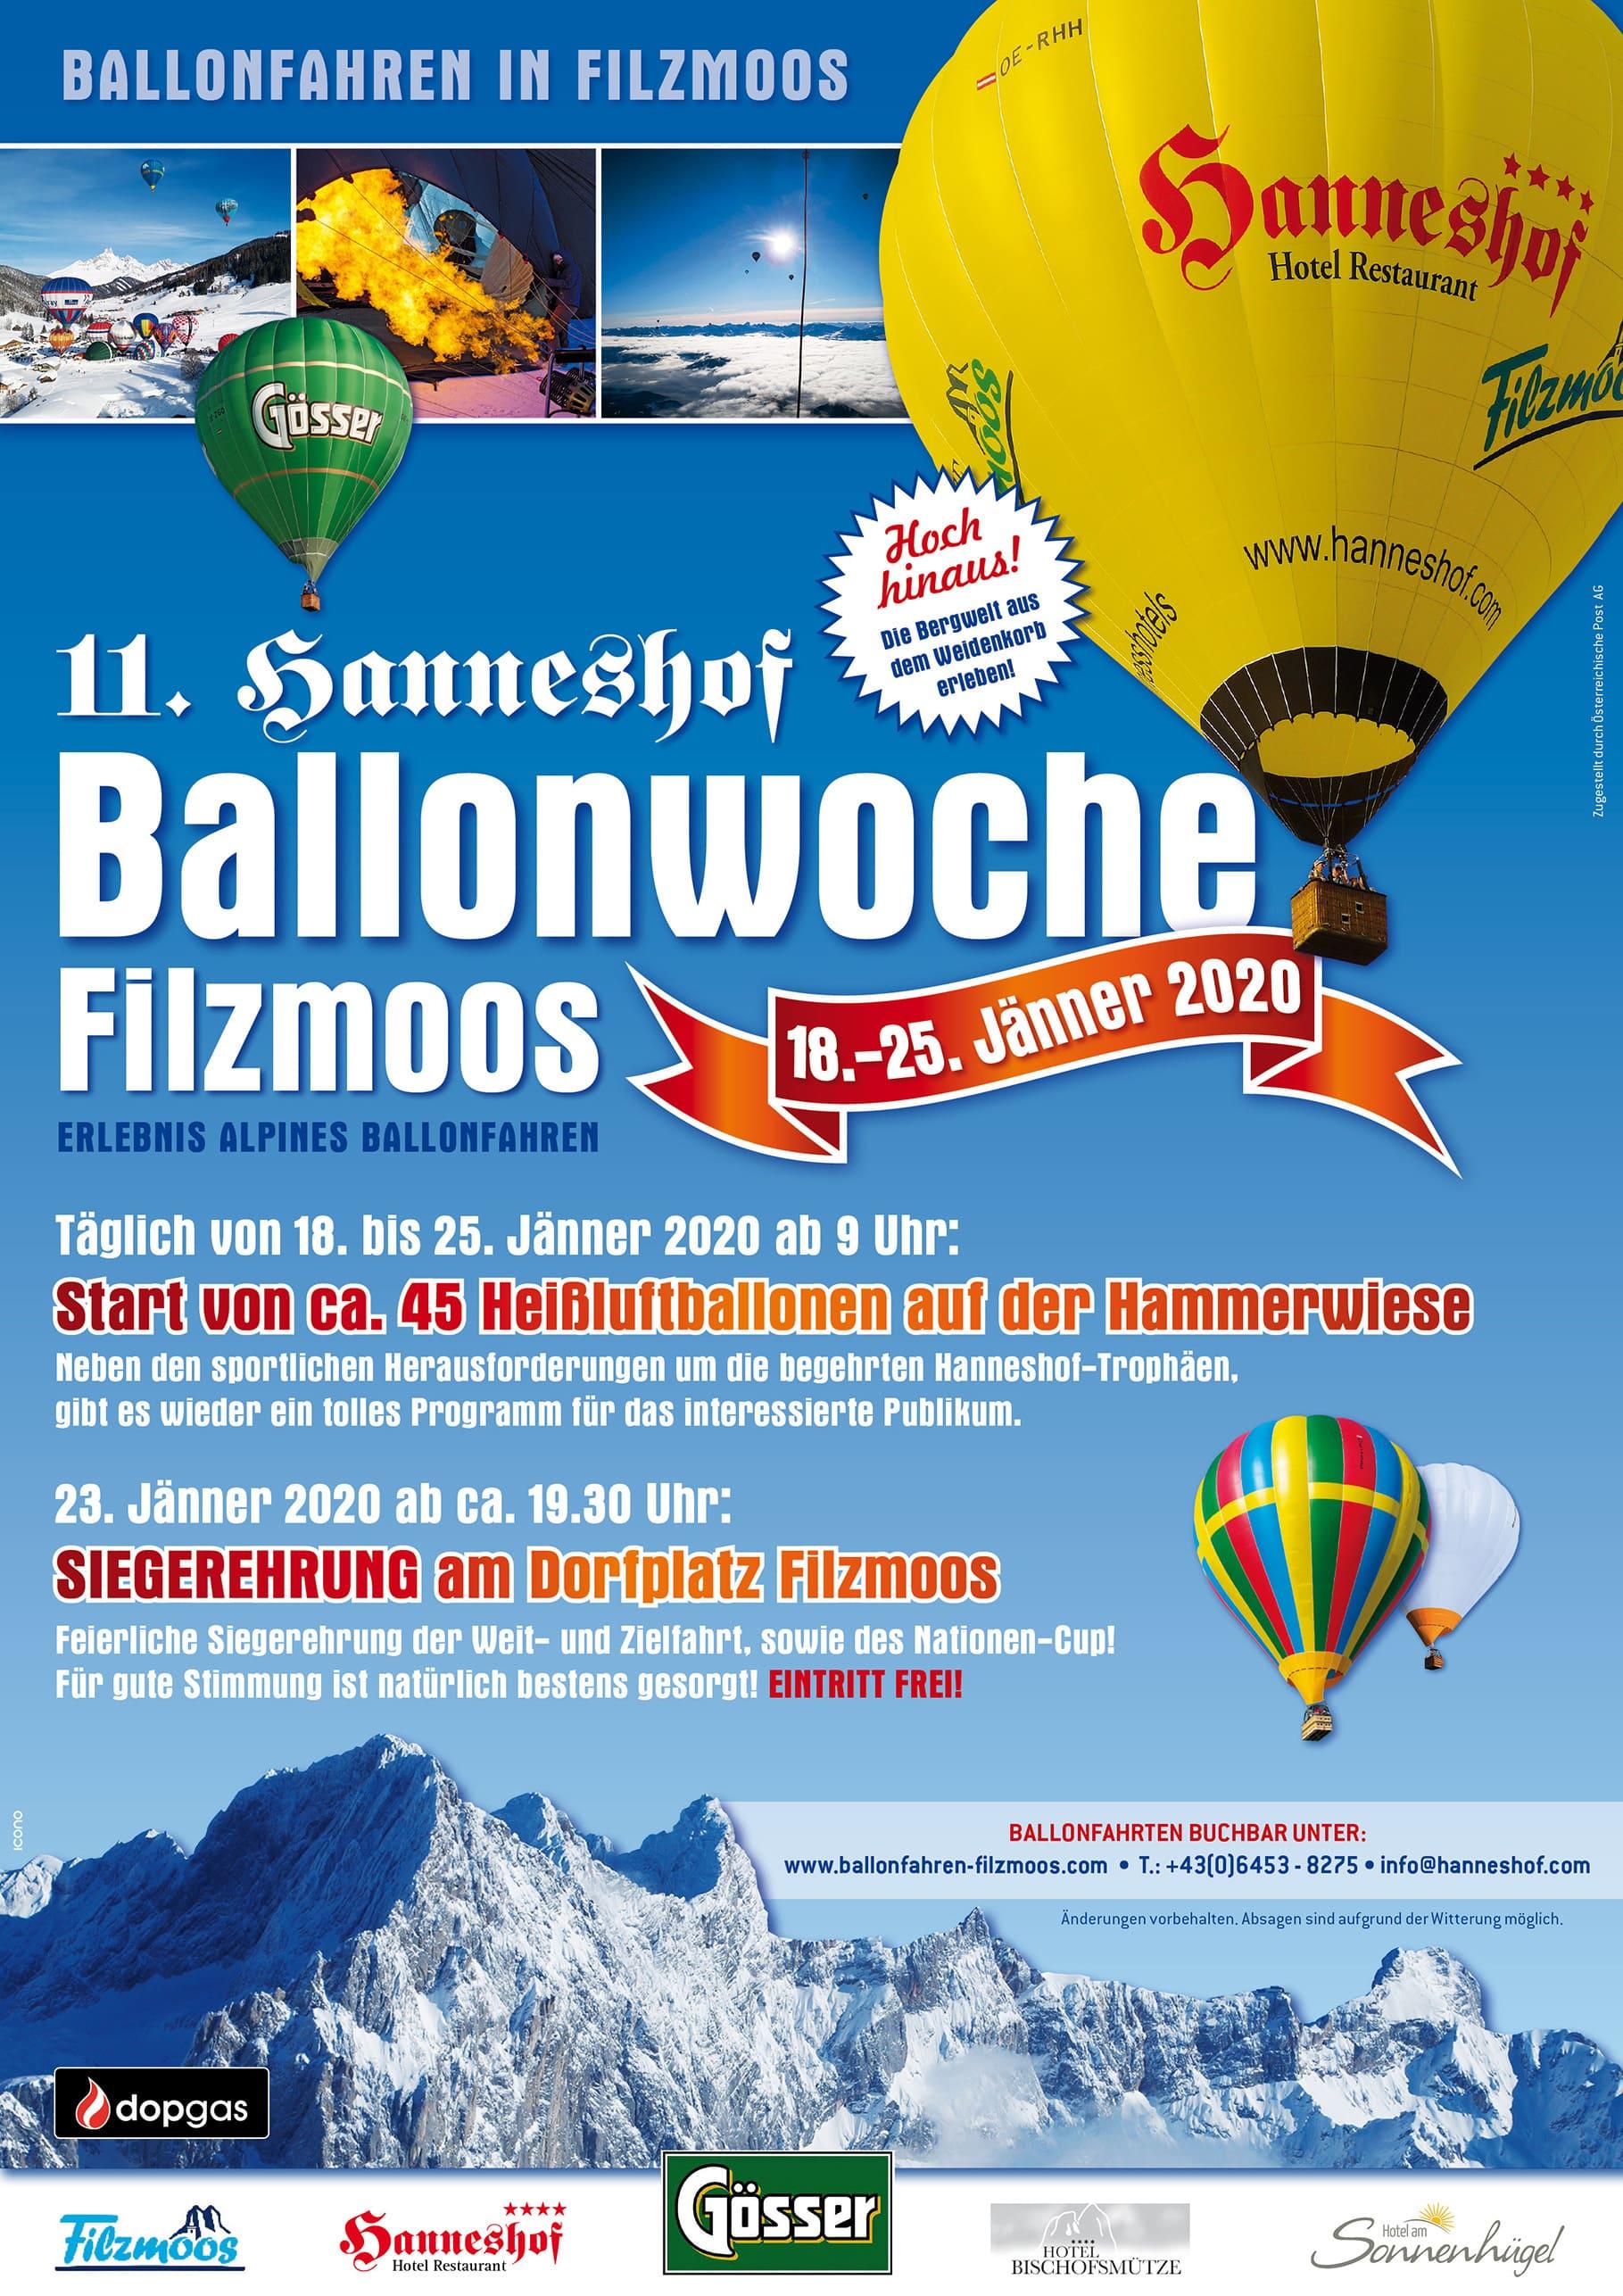 Programm der 11. Hanneshof Ballonwoche Filzmoos 2020